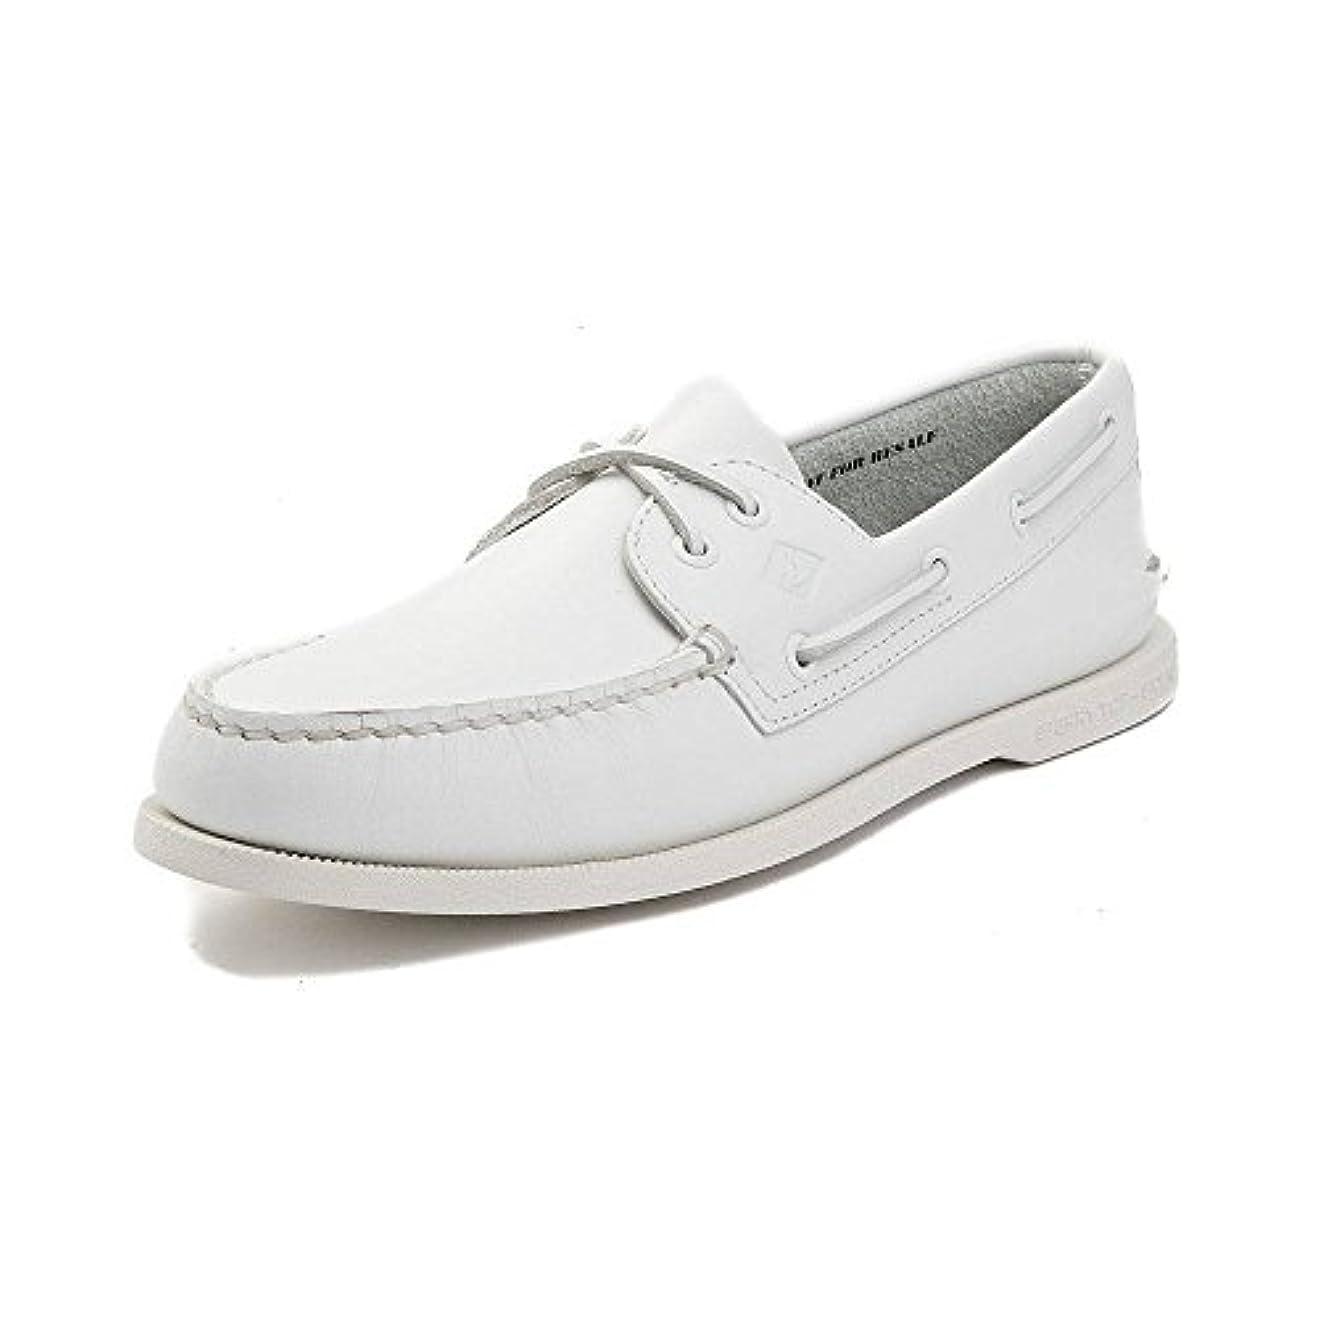 提案する委員長アルネ[SPERRY TOPSIDER(スペリートップサイダー)] 靴?シューズ メンズボートシューズ Mens Sperry Top-Sider Authentic Original Boat Shoe ホワイト US 9.5...